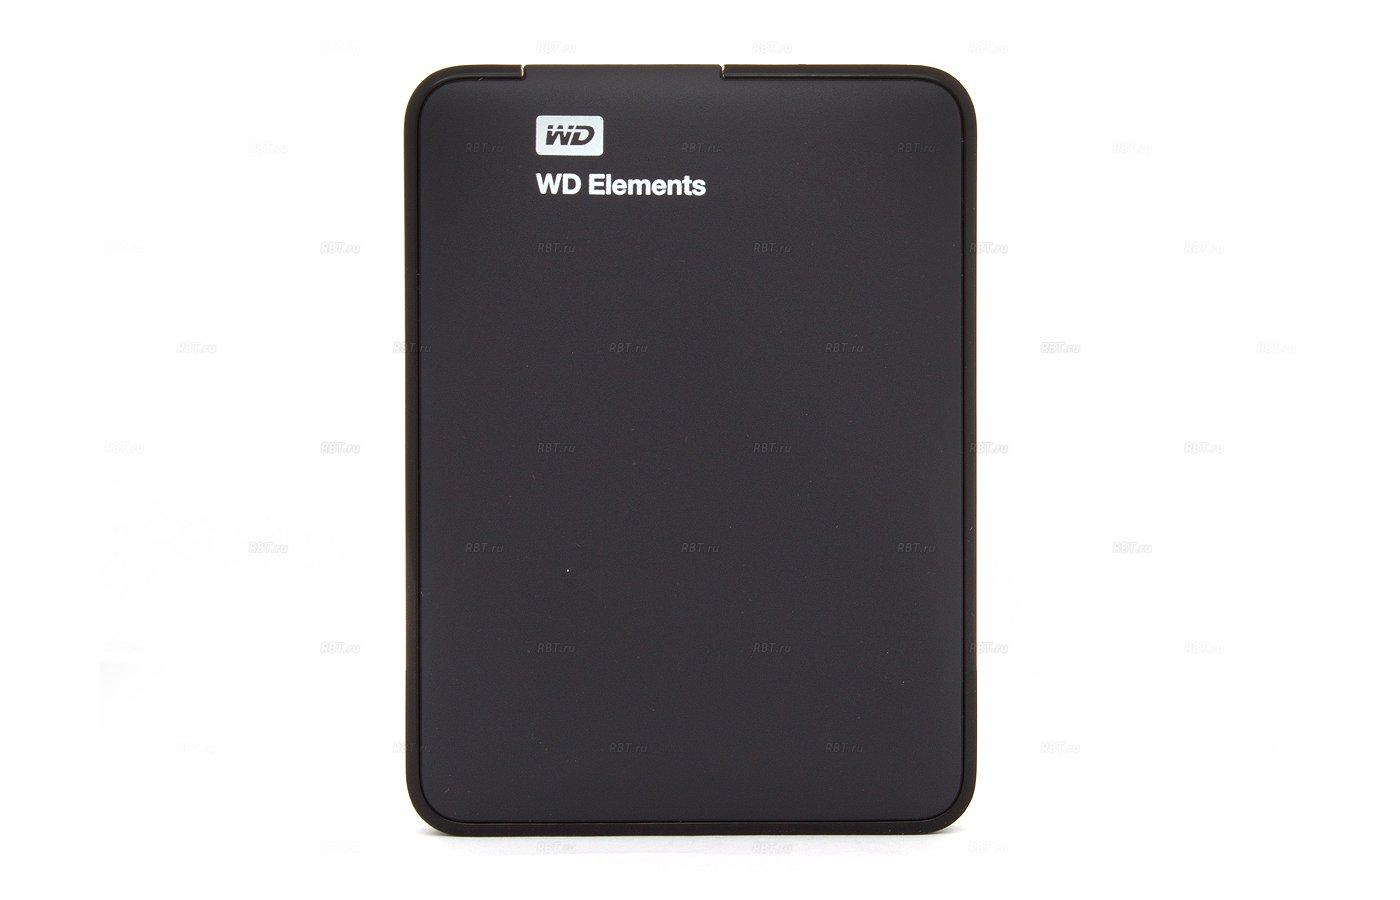 Внешний жесткий диск Western Digital (WDBUZG0010BBK-EESN) USB 3.0 1Tb Elements 2.5 черный